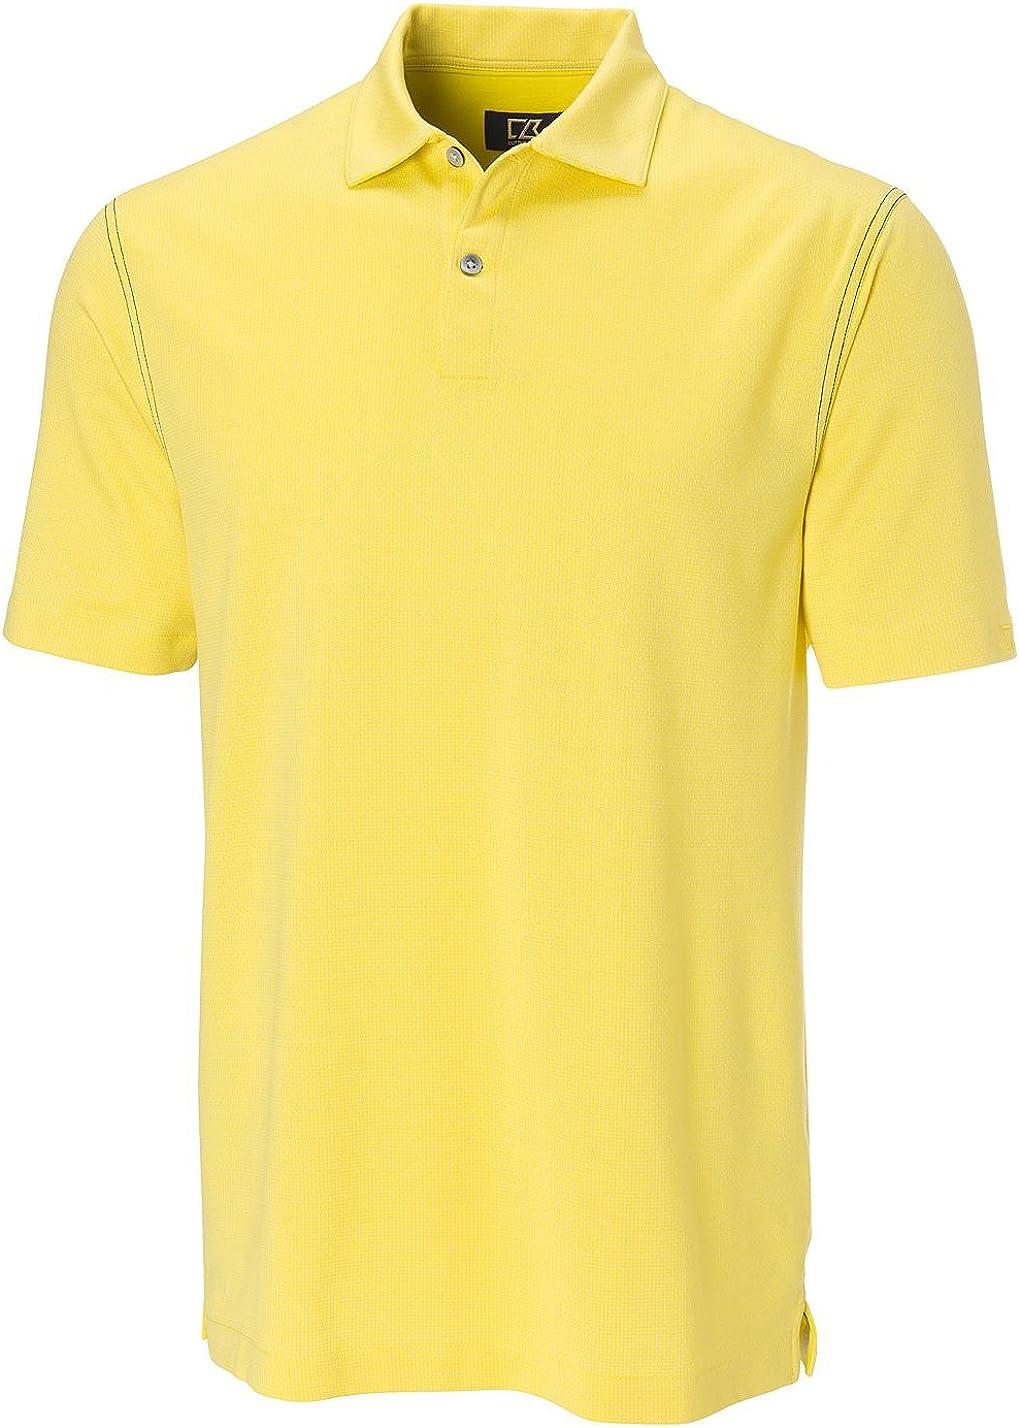 Cutter & Buck Men's Big and Tall Cb Drytec Luxe Shirt